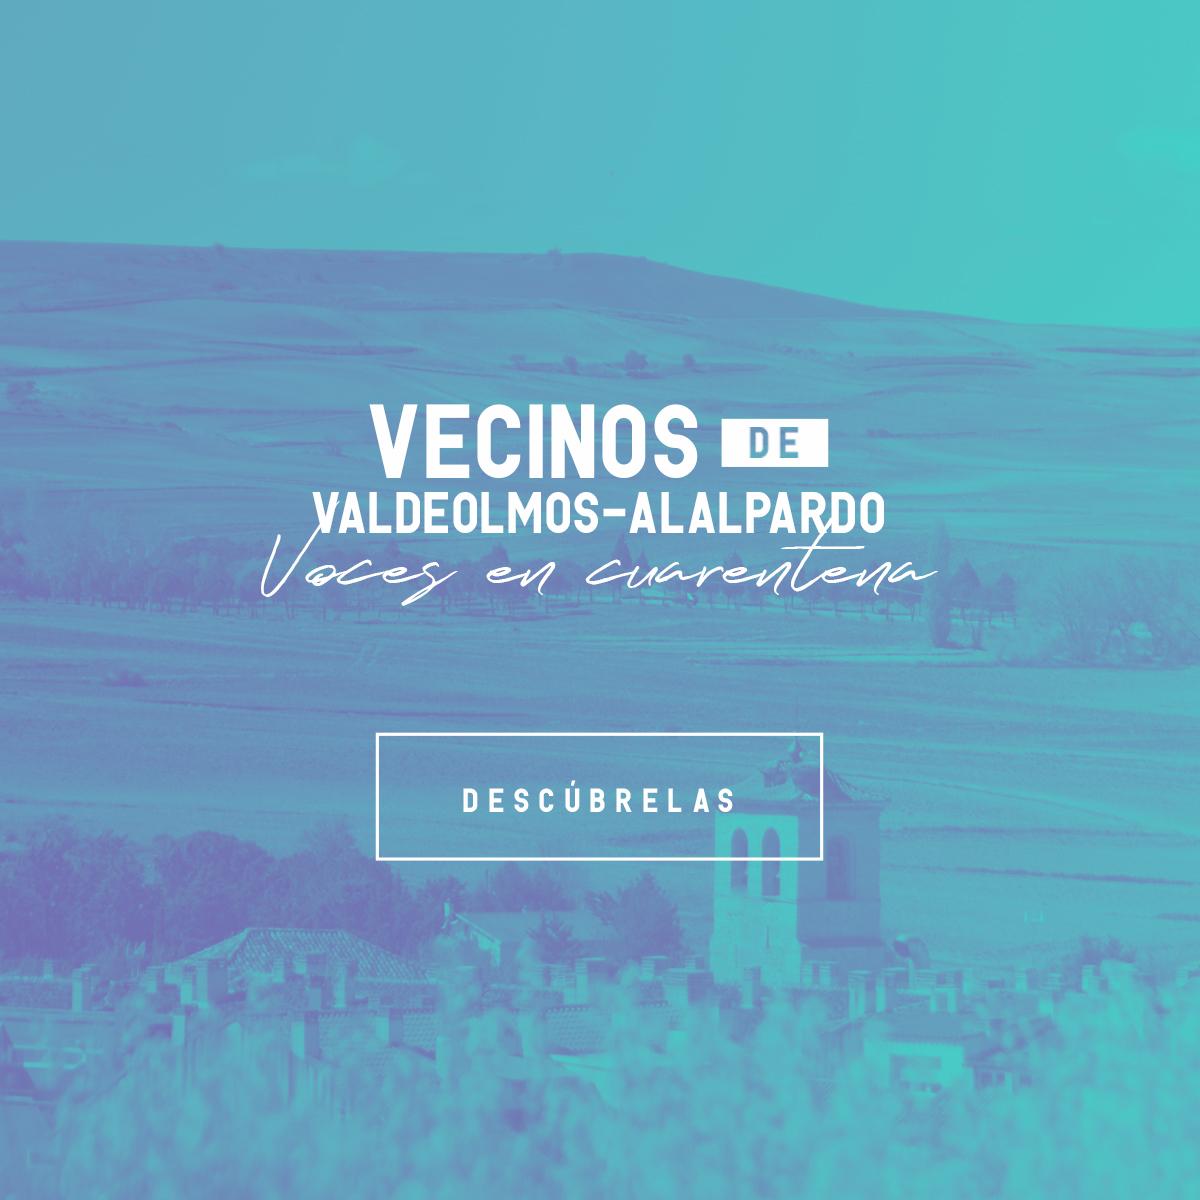 Vecinos de Valdeolmos-Alalpardo. Voces en cuarentena